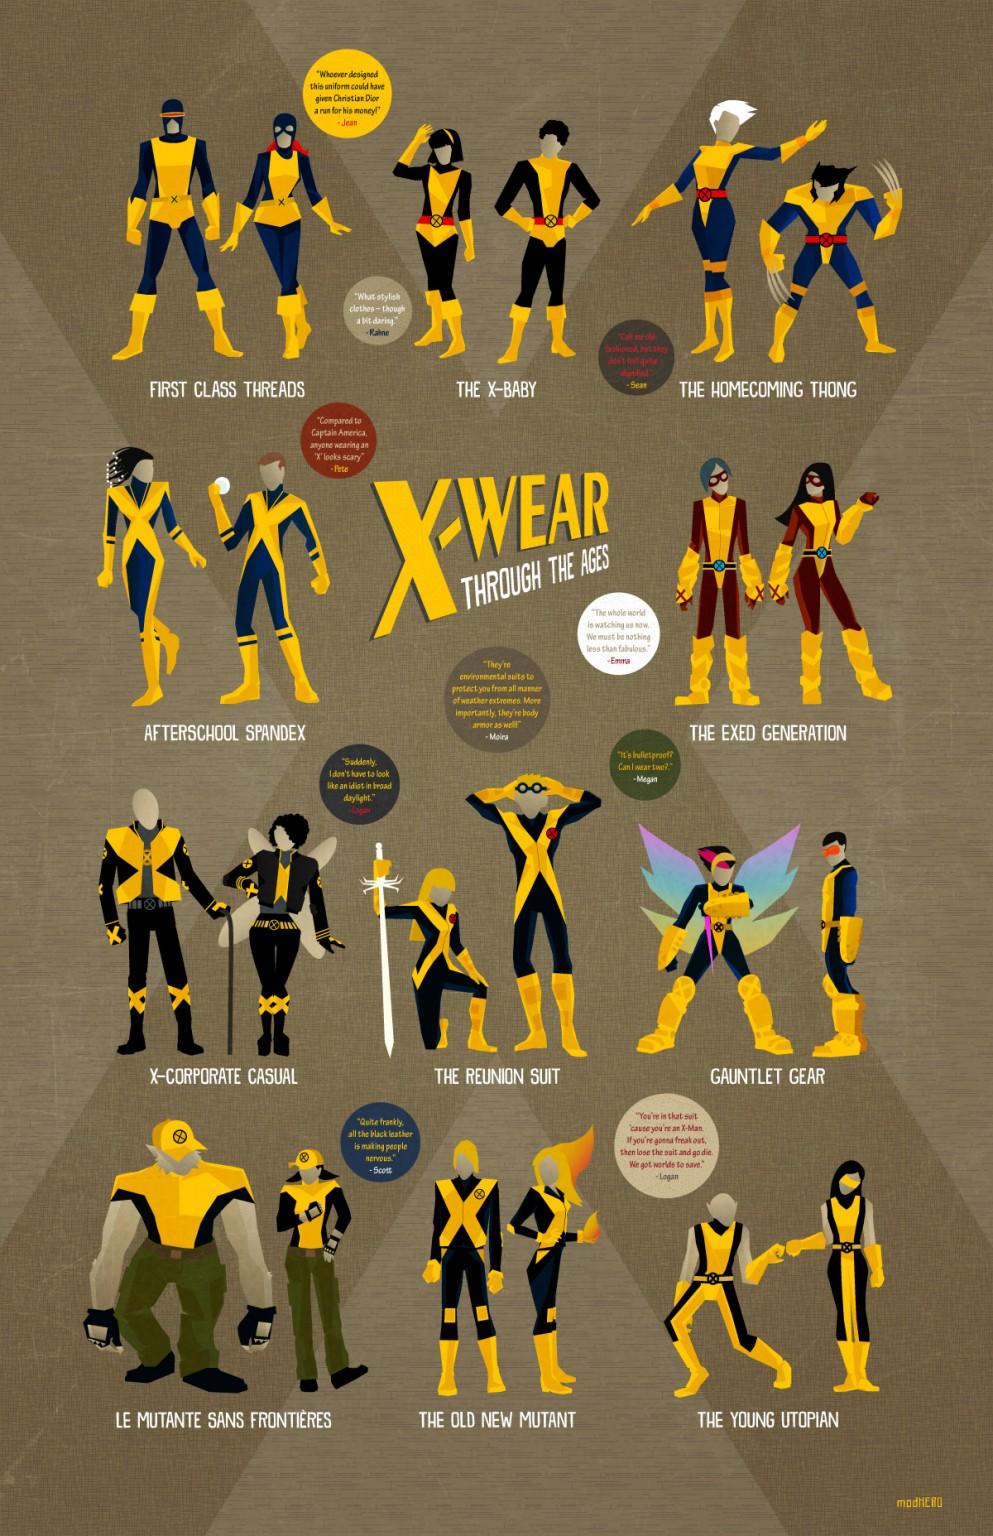 X-Wear, Part One